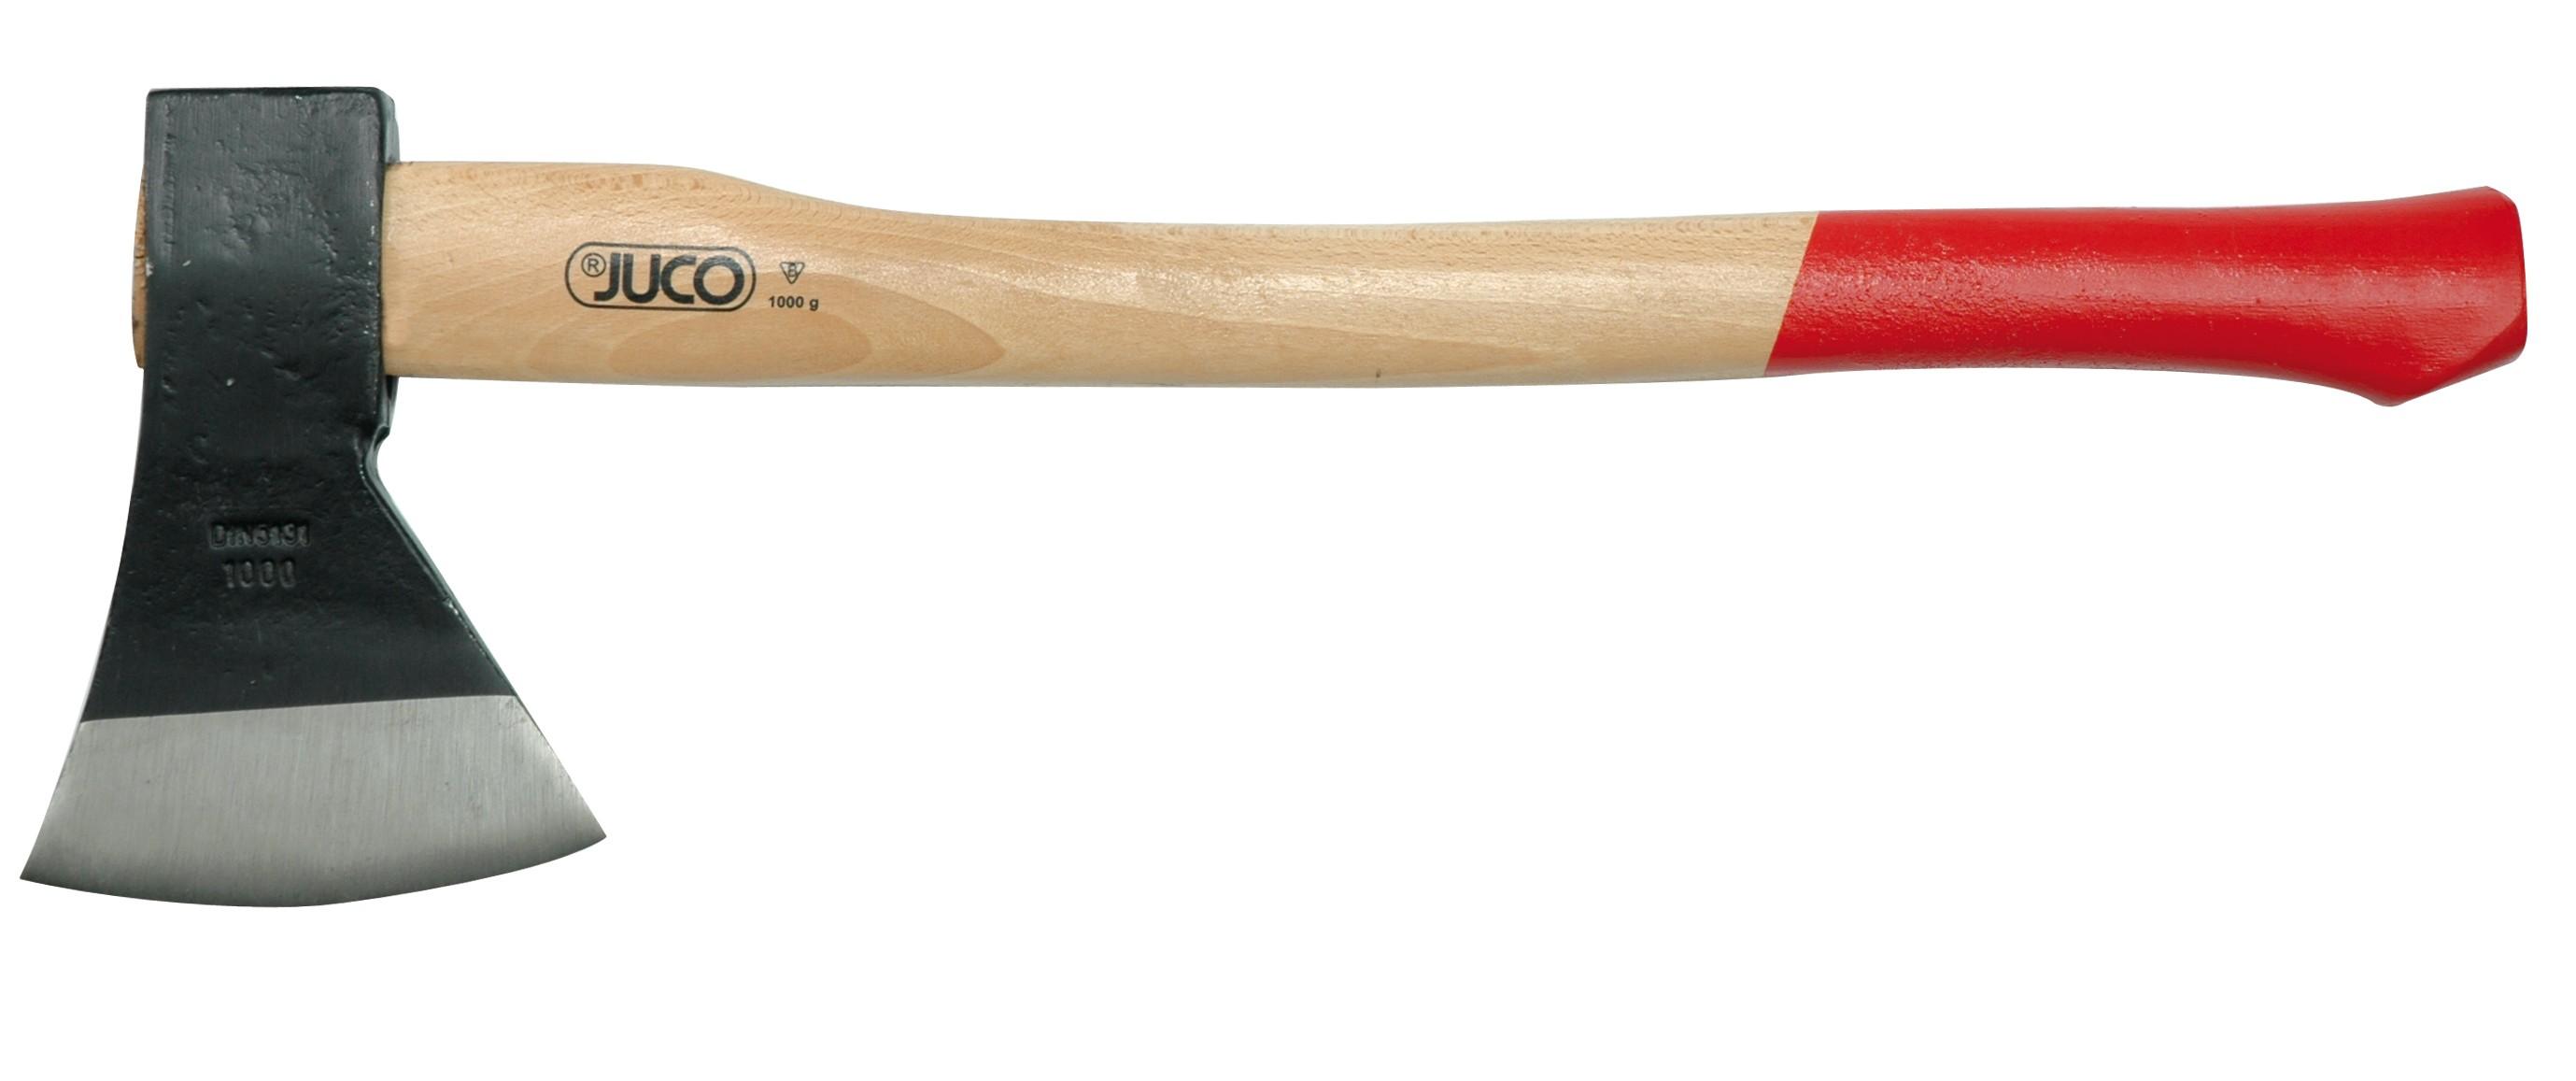 Sekerka 1 kg s dřevěnou násadou JUCO